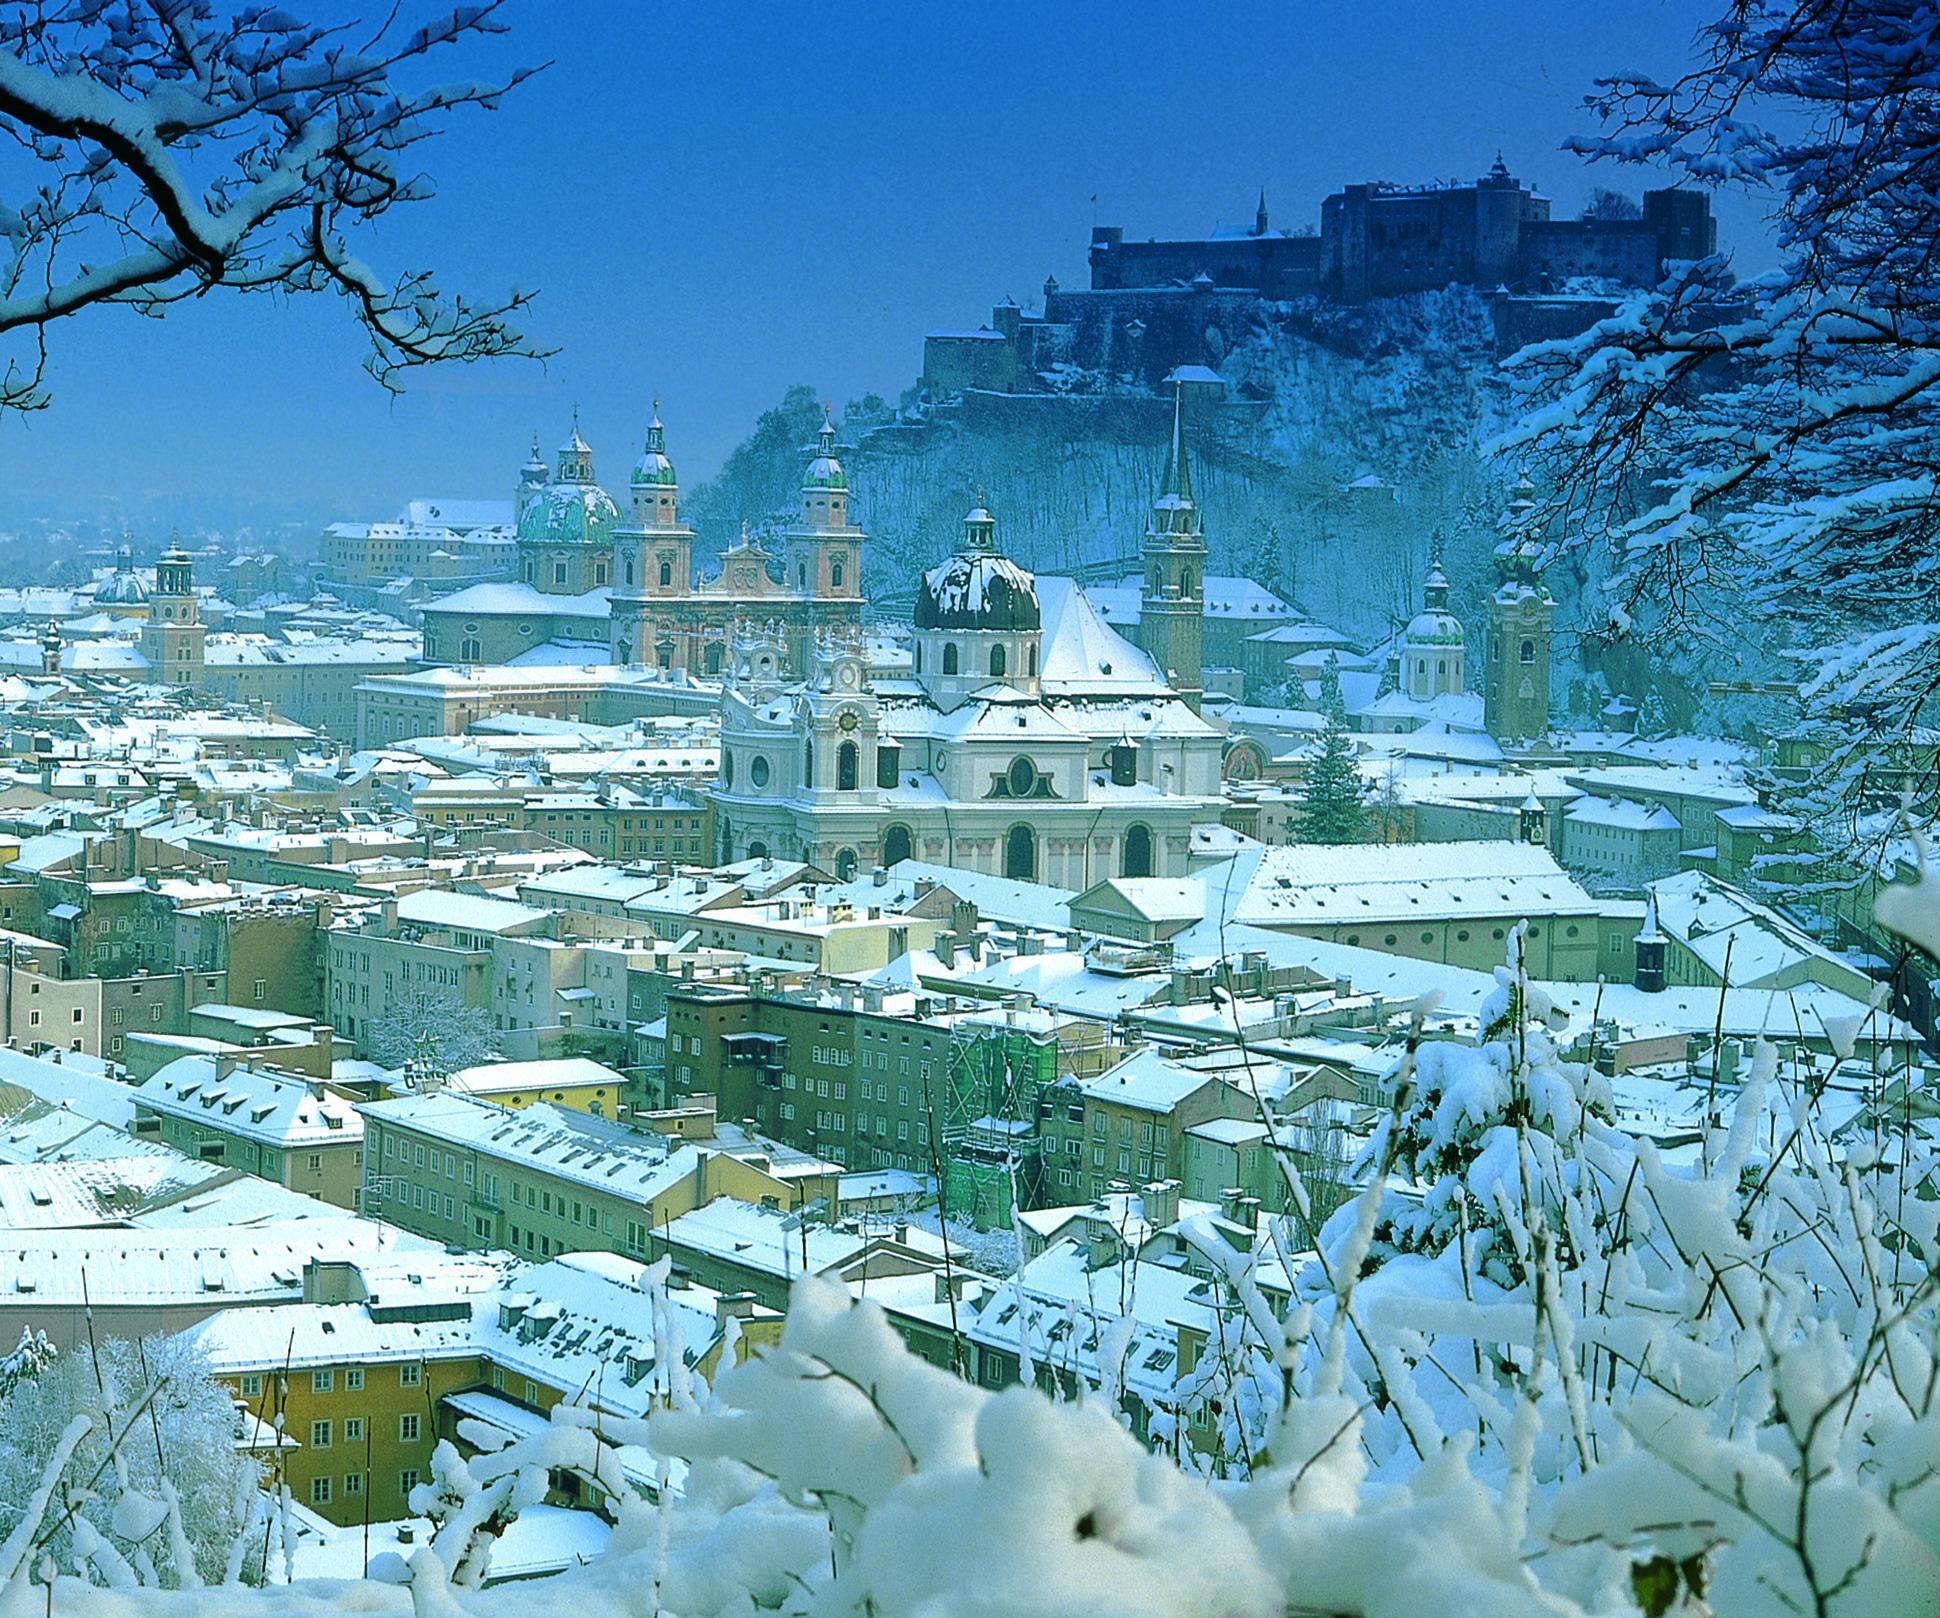 Appartement de vacances Salzburg/Ferienparadies am See/Goldener Herbst/ Christmas & Sylvester (2374298), Seekirchen am Wallersee, Salzbourg plaine, Salzbourg, Autriche, image 21